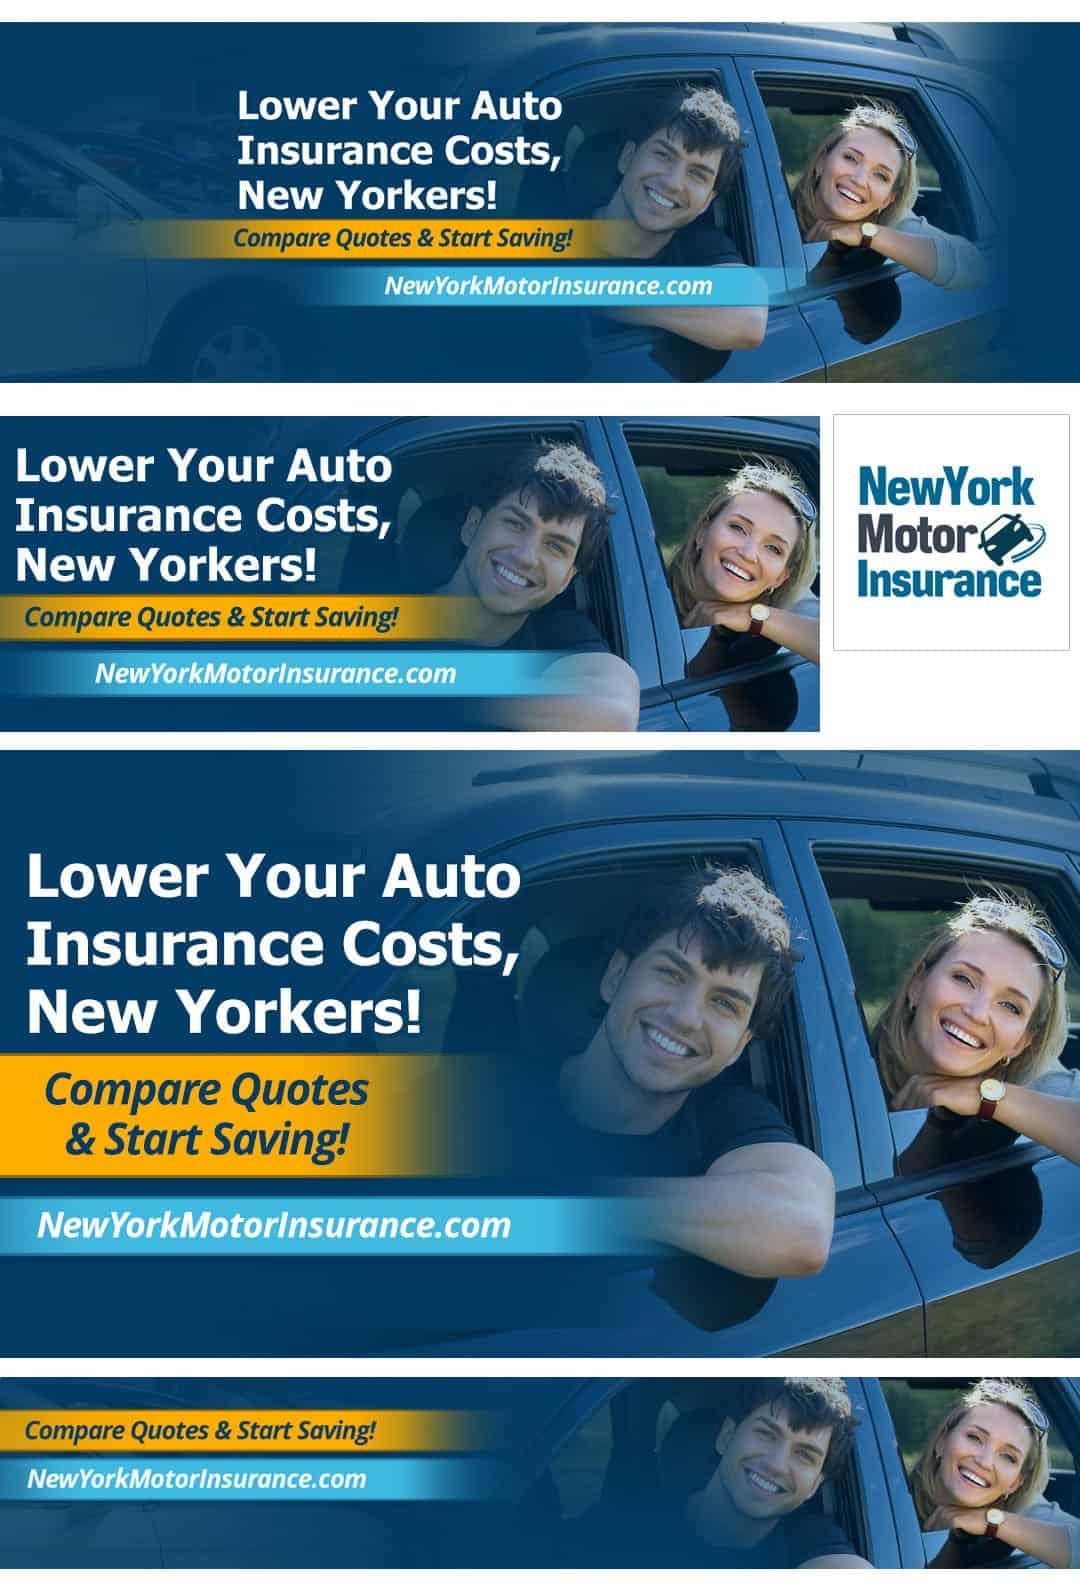 חבילת מדיה חברתית לחברת ביטוח לרכב